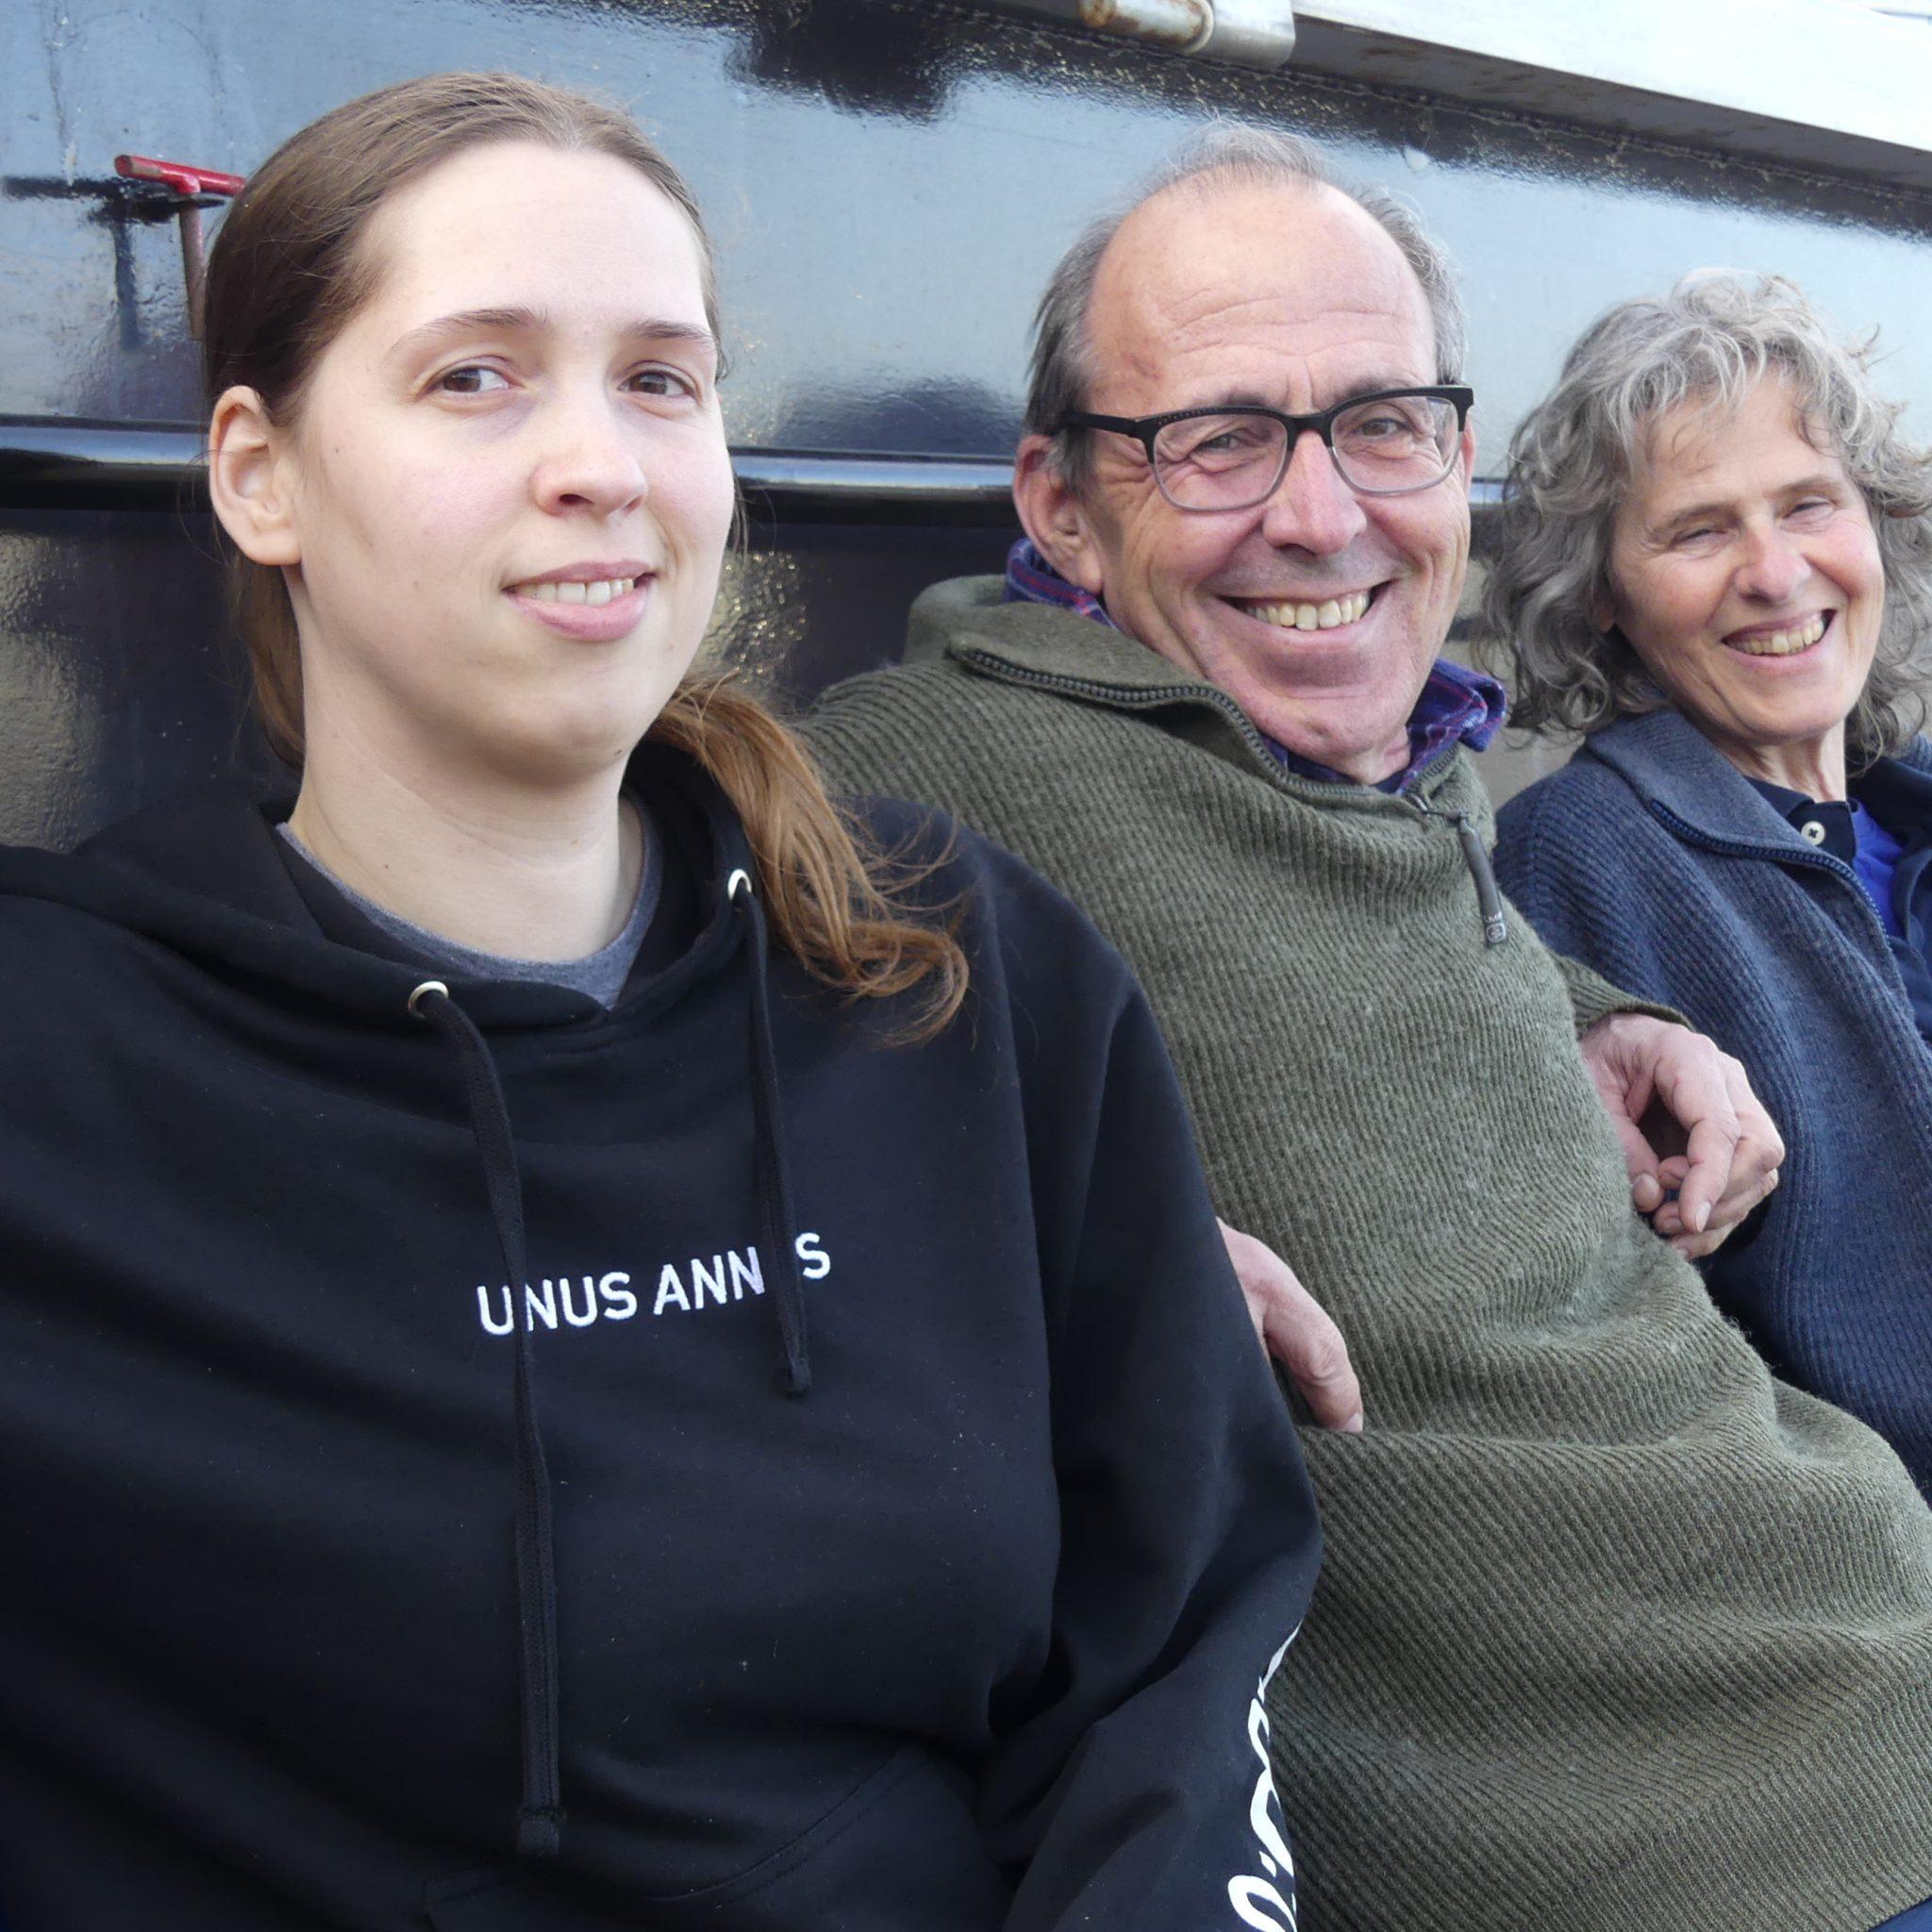 Cast en crew van de spits Veronica. Vlnr. Nathalie, Roeland en Veronica. '99,9 procent van de reacties is positief.' (Foto Heere Heeresma jr.)